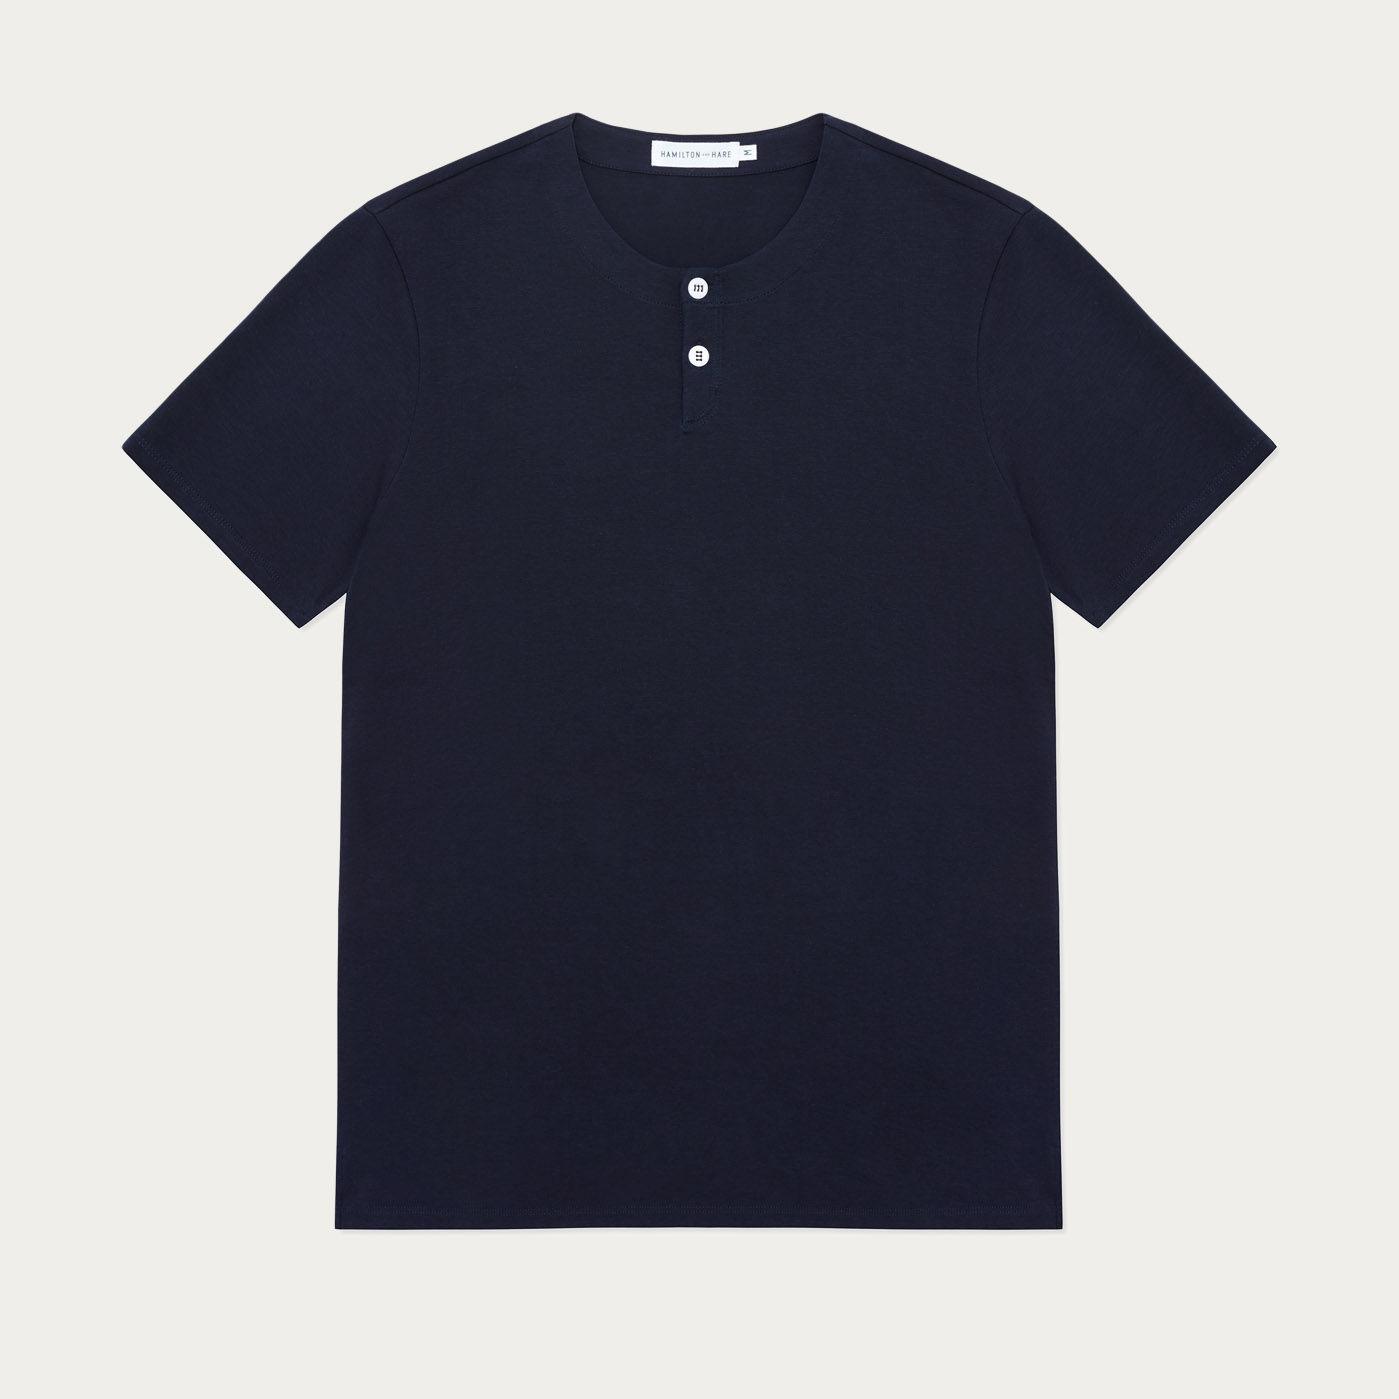 Navy Short Sleeve Jersey Henley Tee-shirt 0